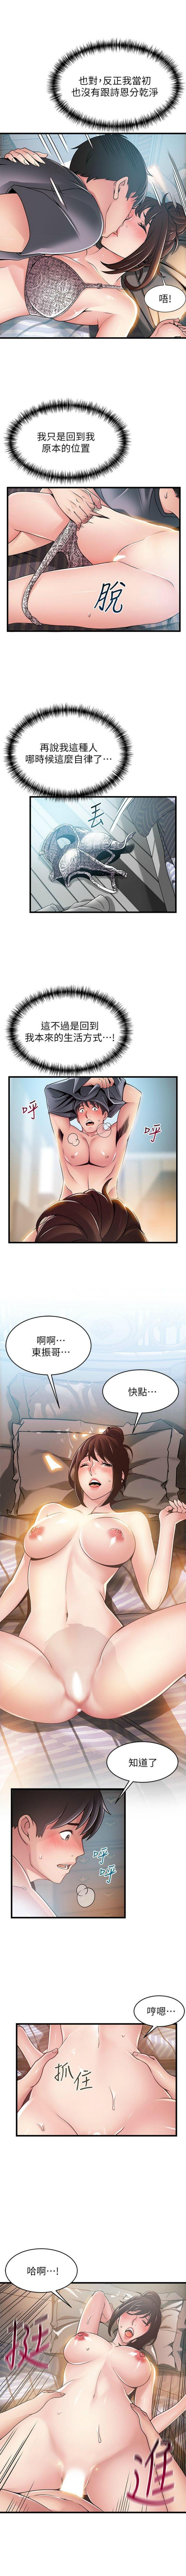 弱點 1-101 官方中文(連載中) 609